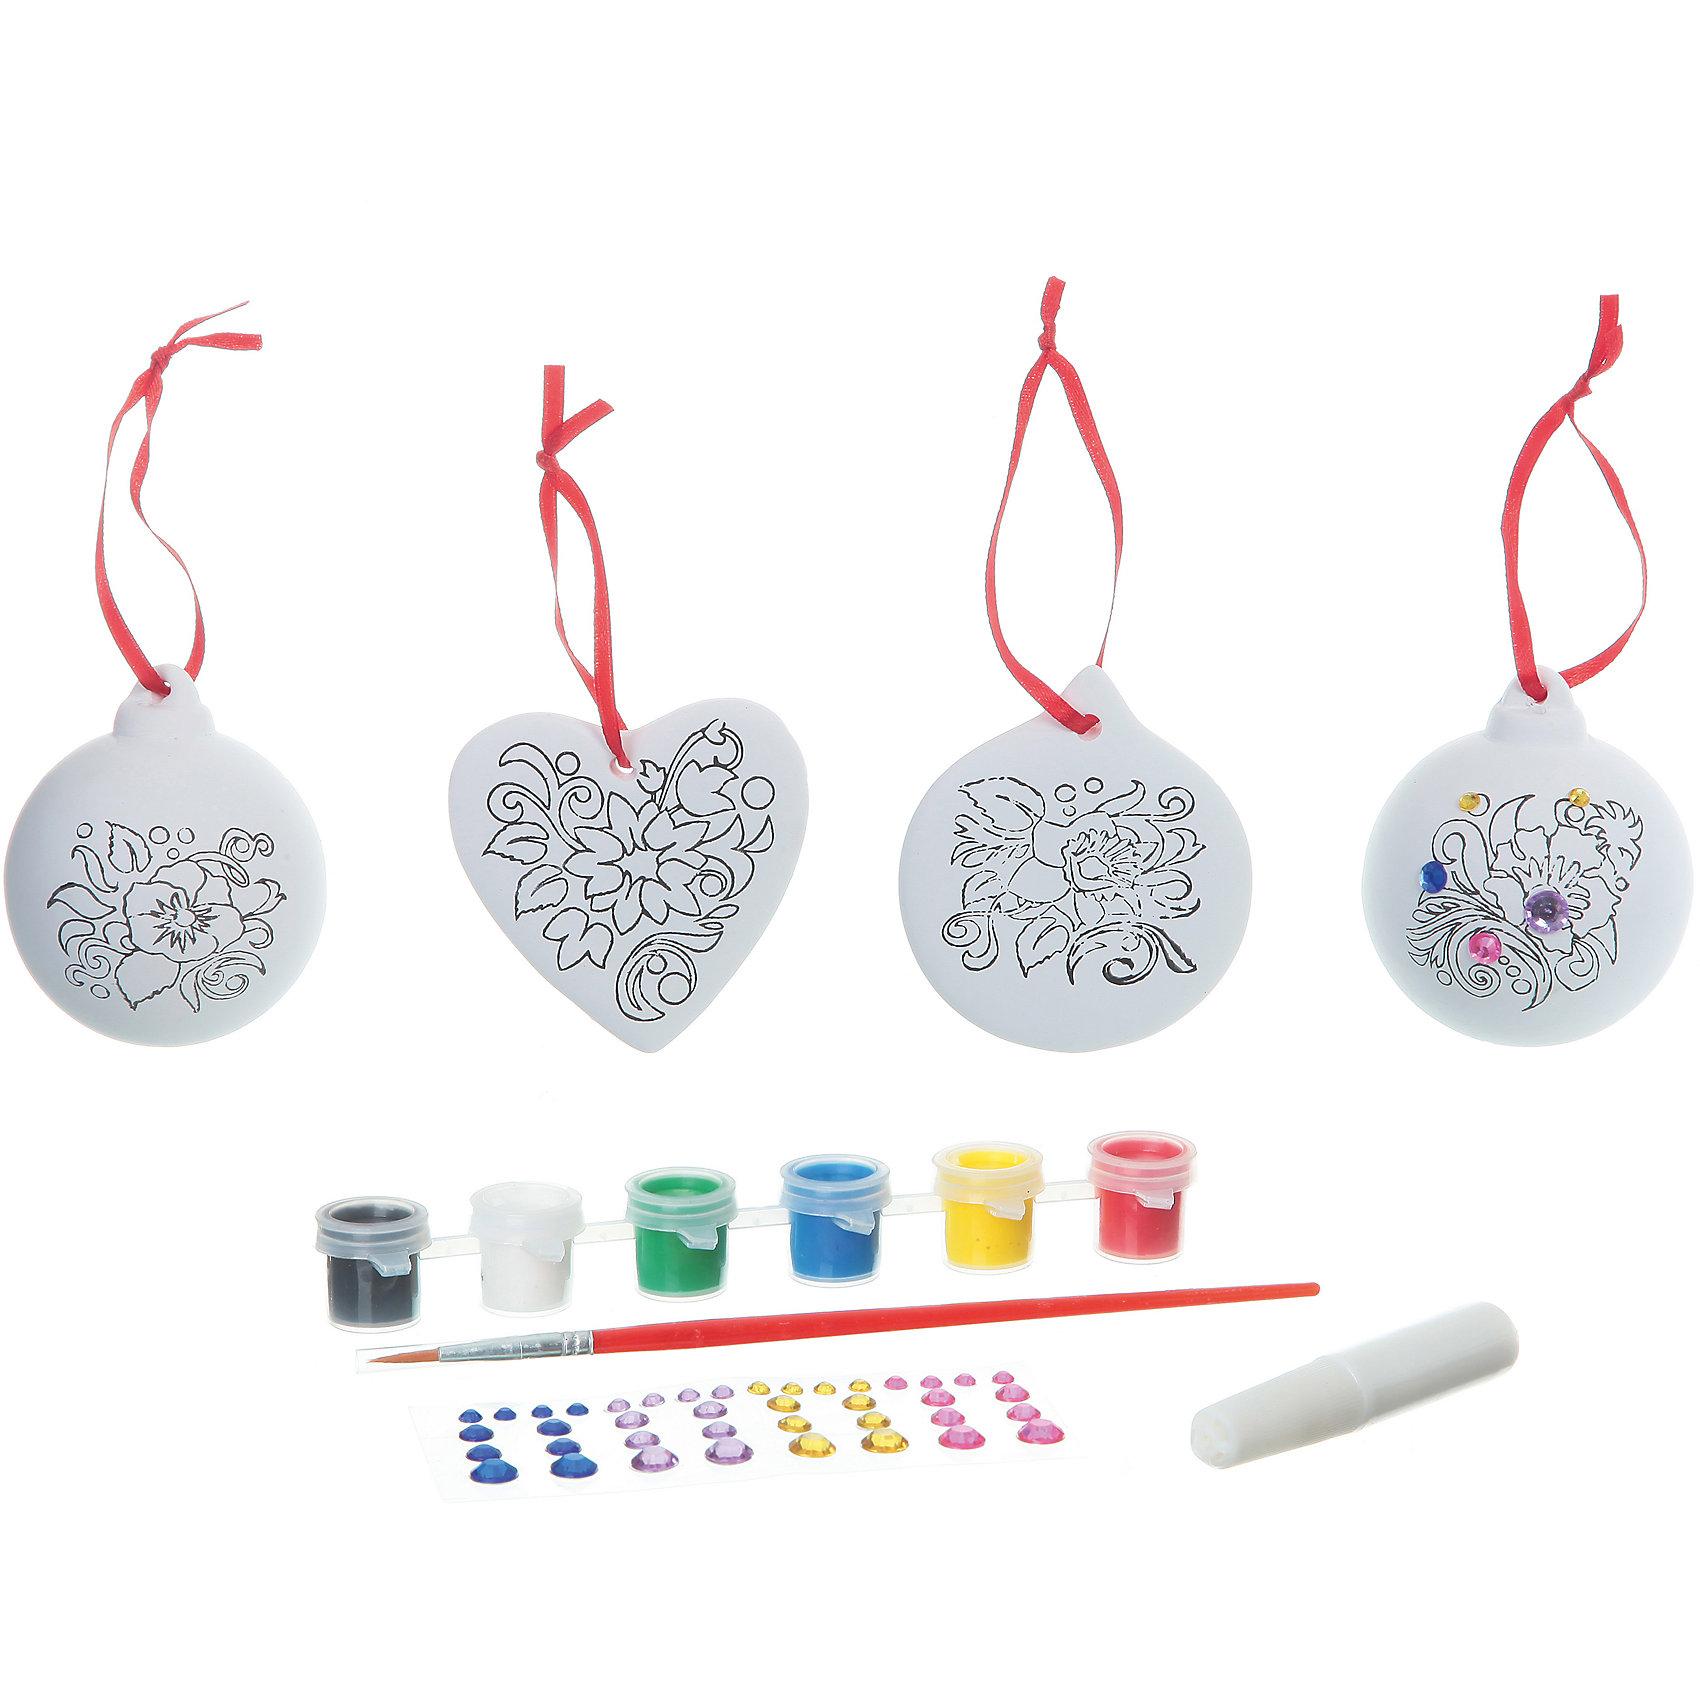 Набор для творчества со стразами с Машей (2 шарика, круг, сердце), BondibonНабор для творчества со стразами с Машей (2 шарика, круг, сердце), Bondibon (Бондибон).<br><br>Характеристики:<br><br>• Материал: керамика, краски, текстиль.<br>• В набор входит: <br>- 4 керамических фигурки для раскрашивания, <br>- краски 6 цветов,<br>- кисточка, <br>- разноцветные стразы,<br>- инструкция.<br><br>Создайте новогоднее настроение вместе со своими детьми! Набор для творчества с Машей поможет вам провести творчески досуг и создаст праздничное настроение. В наборе 4 керамических фигурки для раскрашивания: 2 шарика, круг, сердце, которые нужно раскрасить так, как вам подскажет фантазия. Разноцветные мерцающие стразы сделают игрушки по- настоящему волшебными и новогодними. Раскрашивать изделия из керамики - очень интересно и увлекательно. Такие фигурки, раскрашенные вручную, станут отличным подарком! Работа с таким набором помогает развить творческие способности, усидчивость, внимательность, самостоятельность, координацию движений.<br><br>Набор для творчества со стразами с Машей (2 шарика, круг, сердце),Bondibon (Бондибон), можно купить в нашем интернет – магазине.<br><br>Ширина мм: 262<br>Глубина мм: 60<br>Высота мм: 222<br>Вес г: 475<br>Возраст от месяцев: 60<br>Возраст до месяцев: 1188<br>Пол: Унисекс<br>Возраст: Детский<br>SKU: 5124543